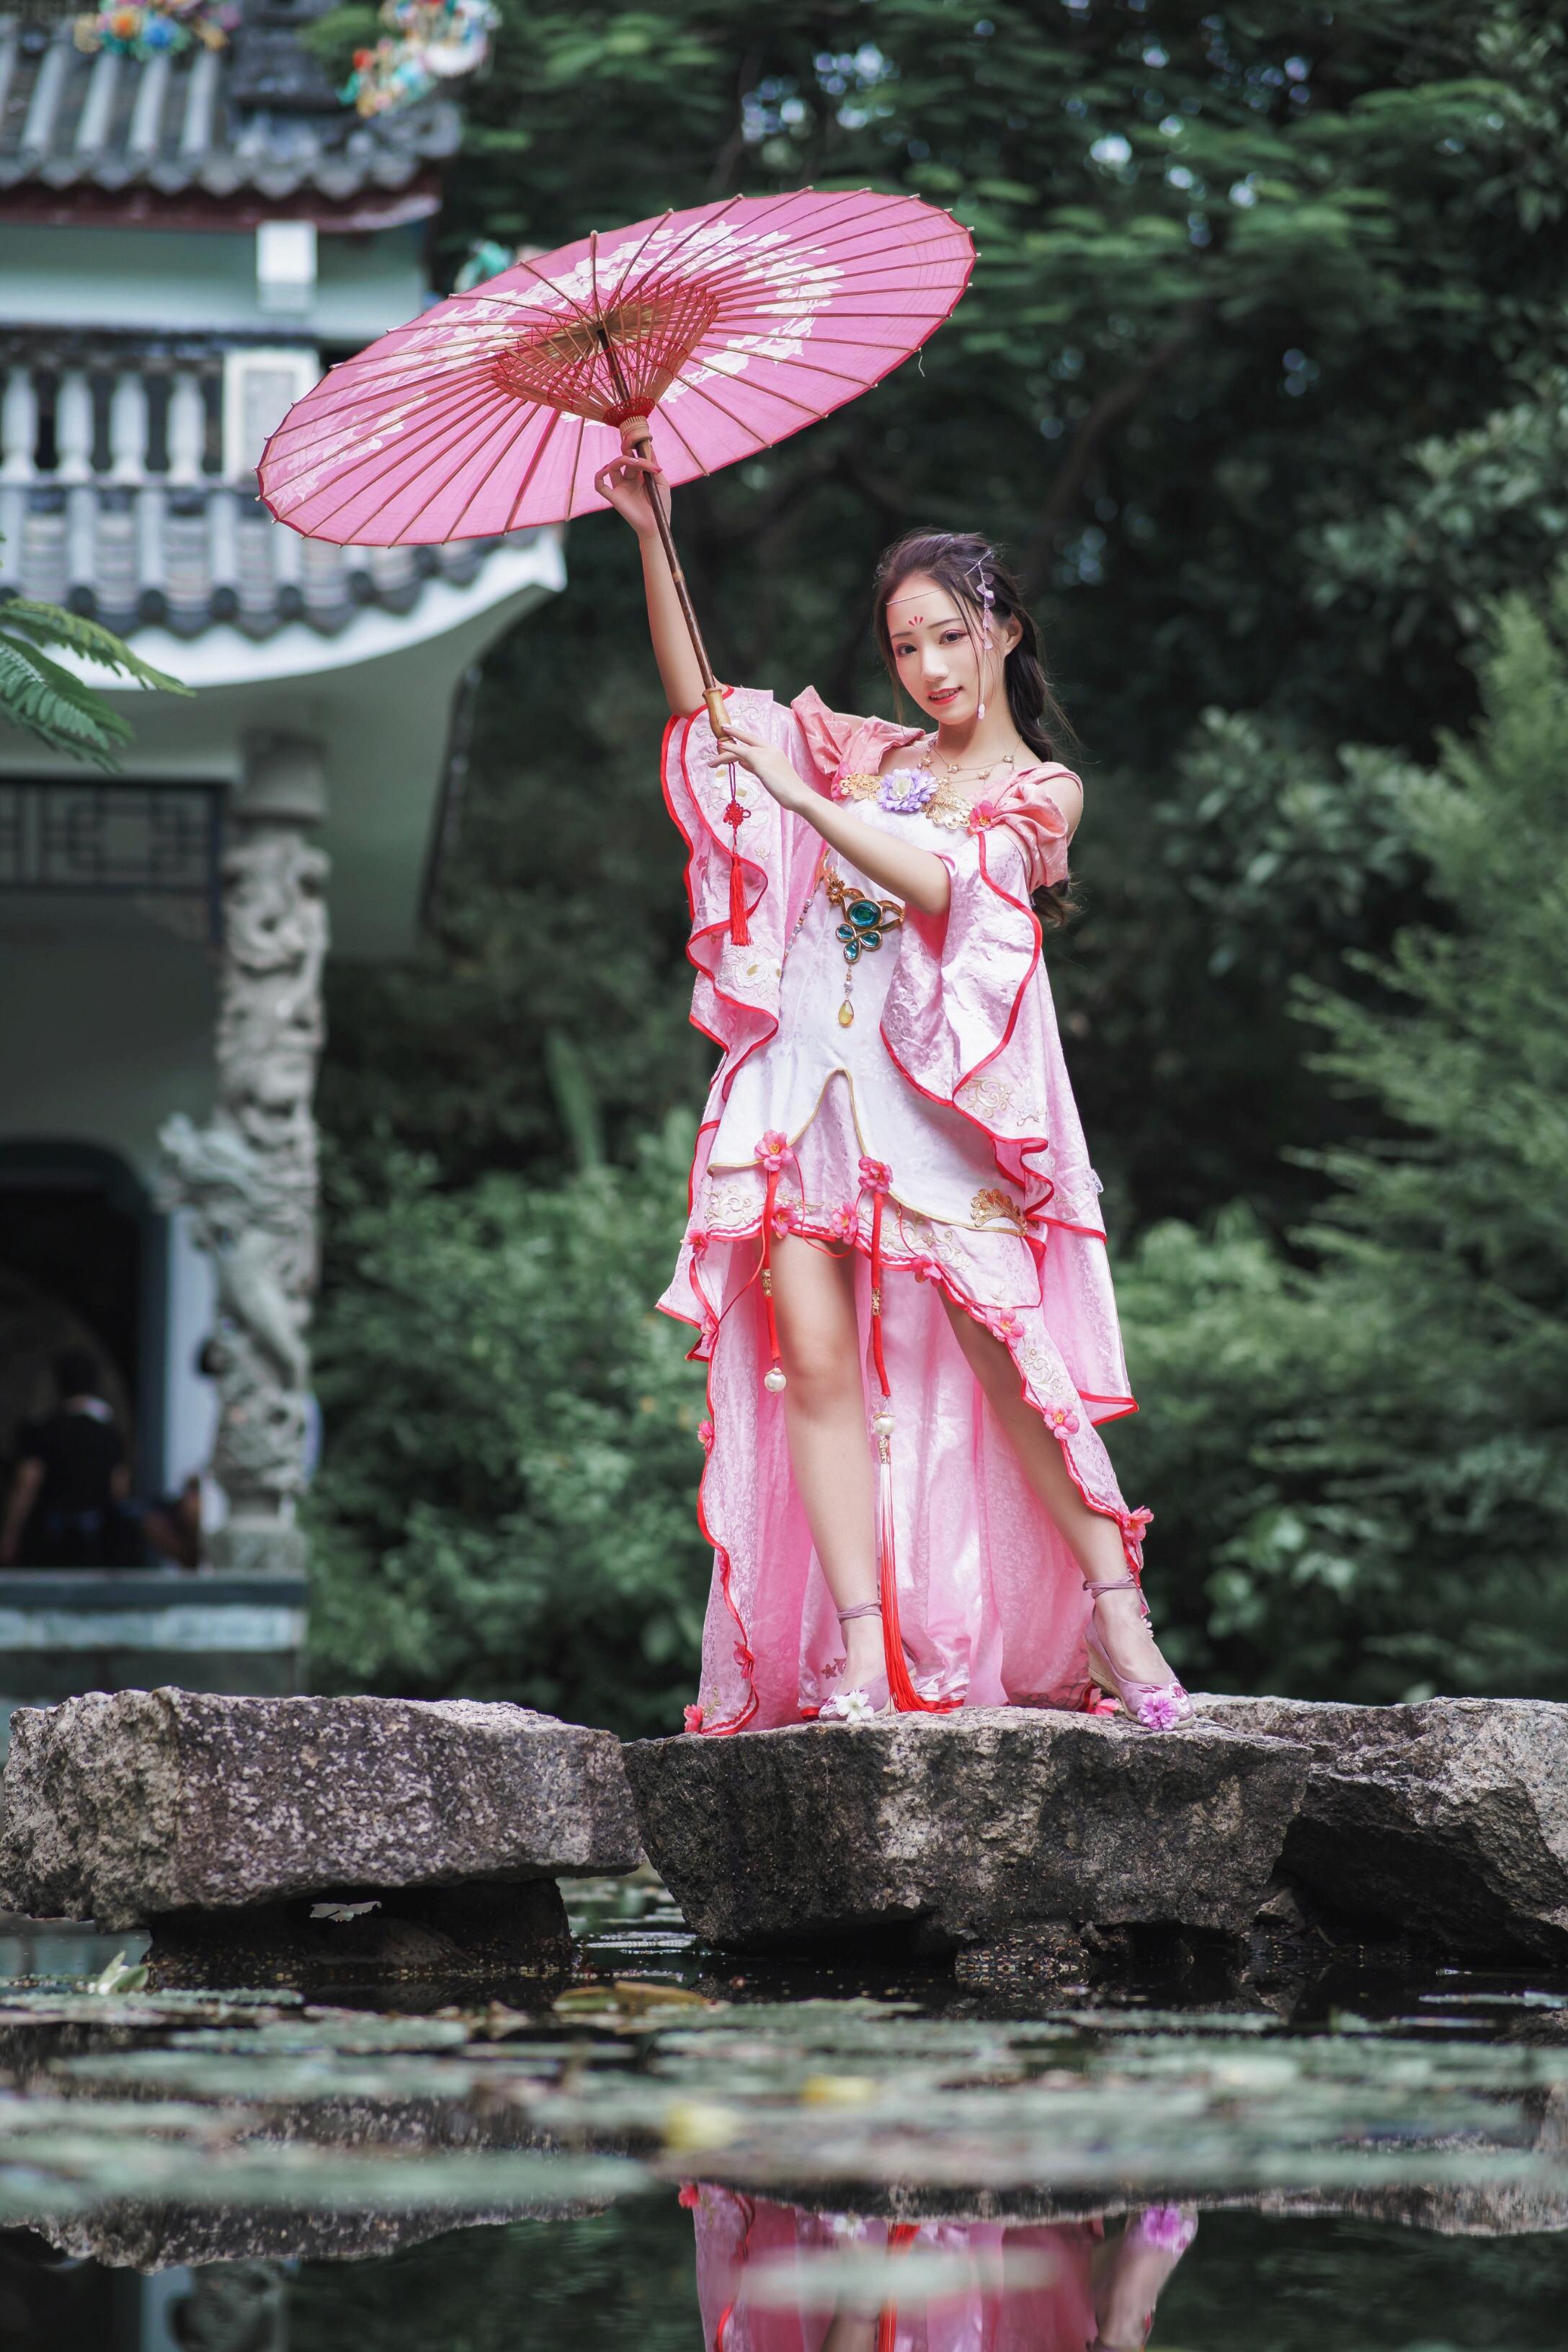 《天涯明月刀OL》古风cosplay【CN:Serian_莲梓什锦酱】-第2张